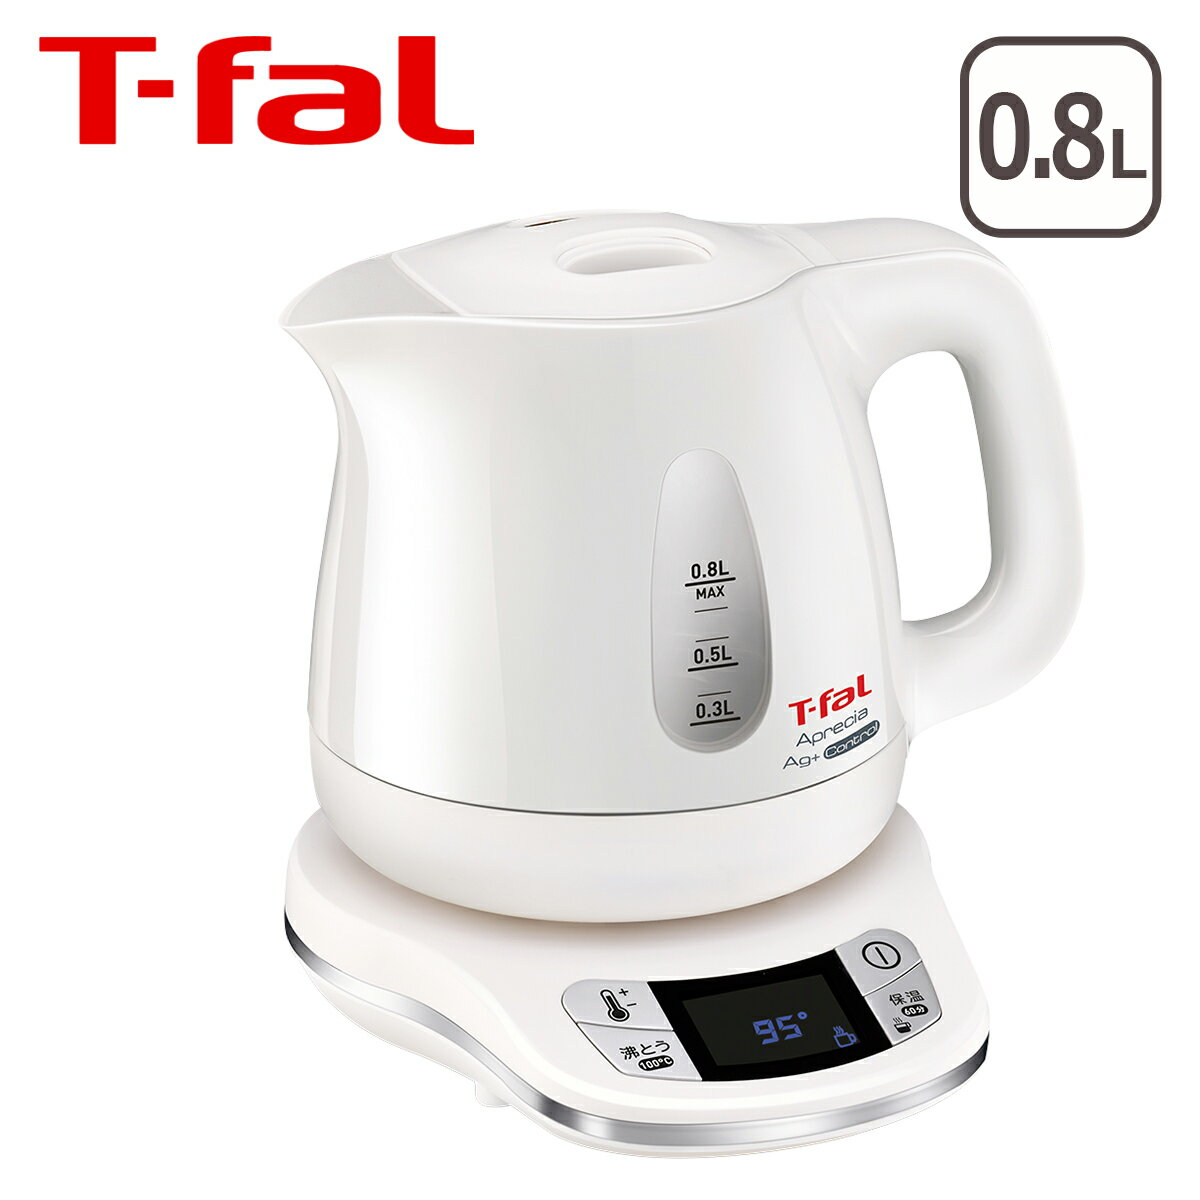 ティファール T-fal 電気ケトル アプレシア エージー・プラス コントロール パールホワイト 0.8L KO6201JP